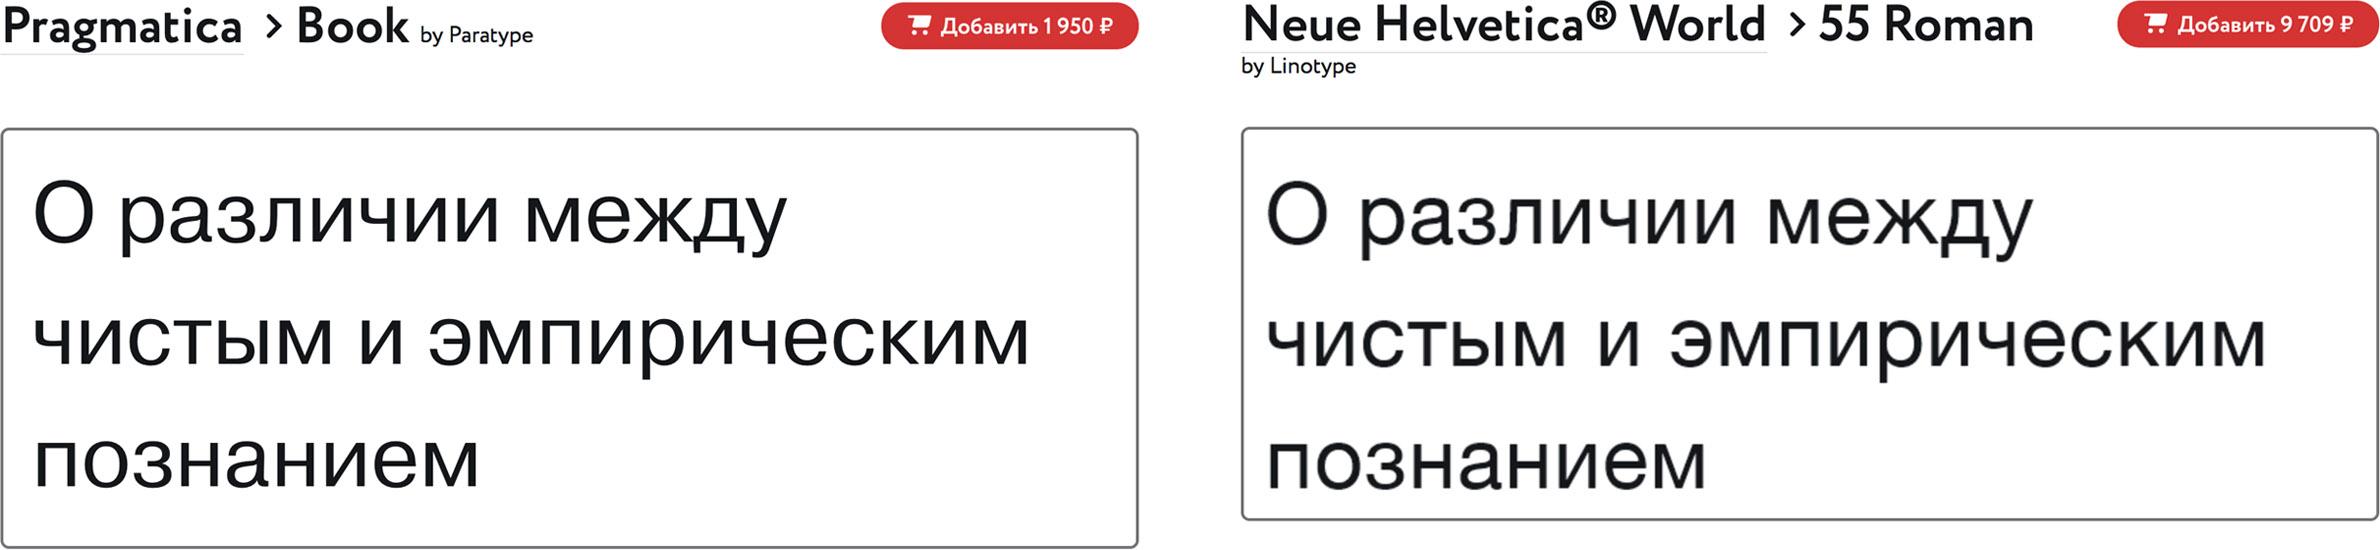 paratype-ru